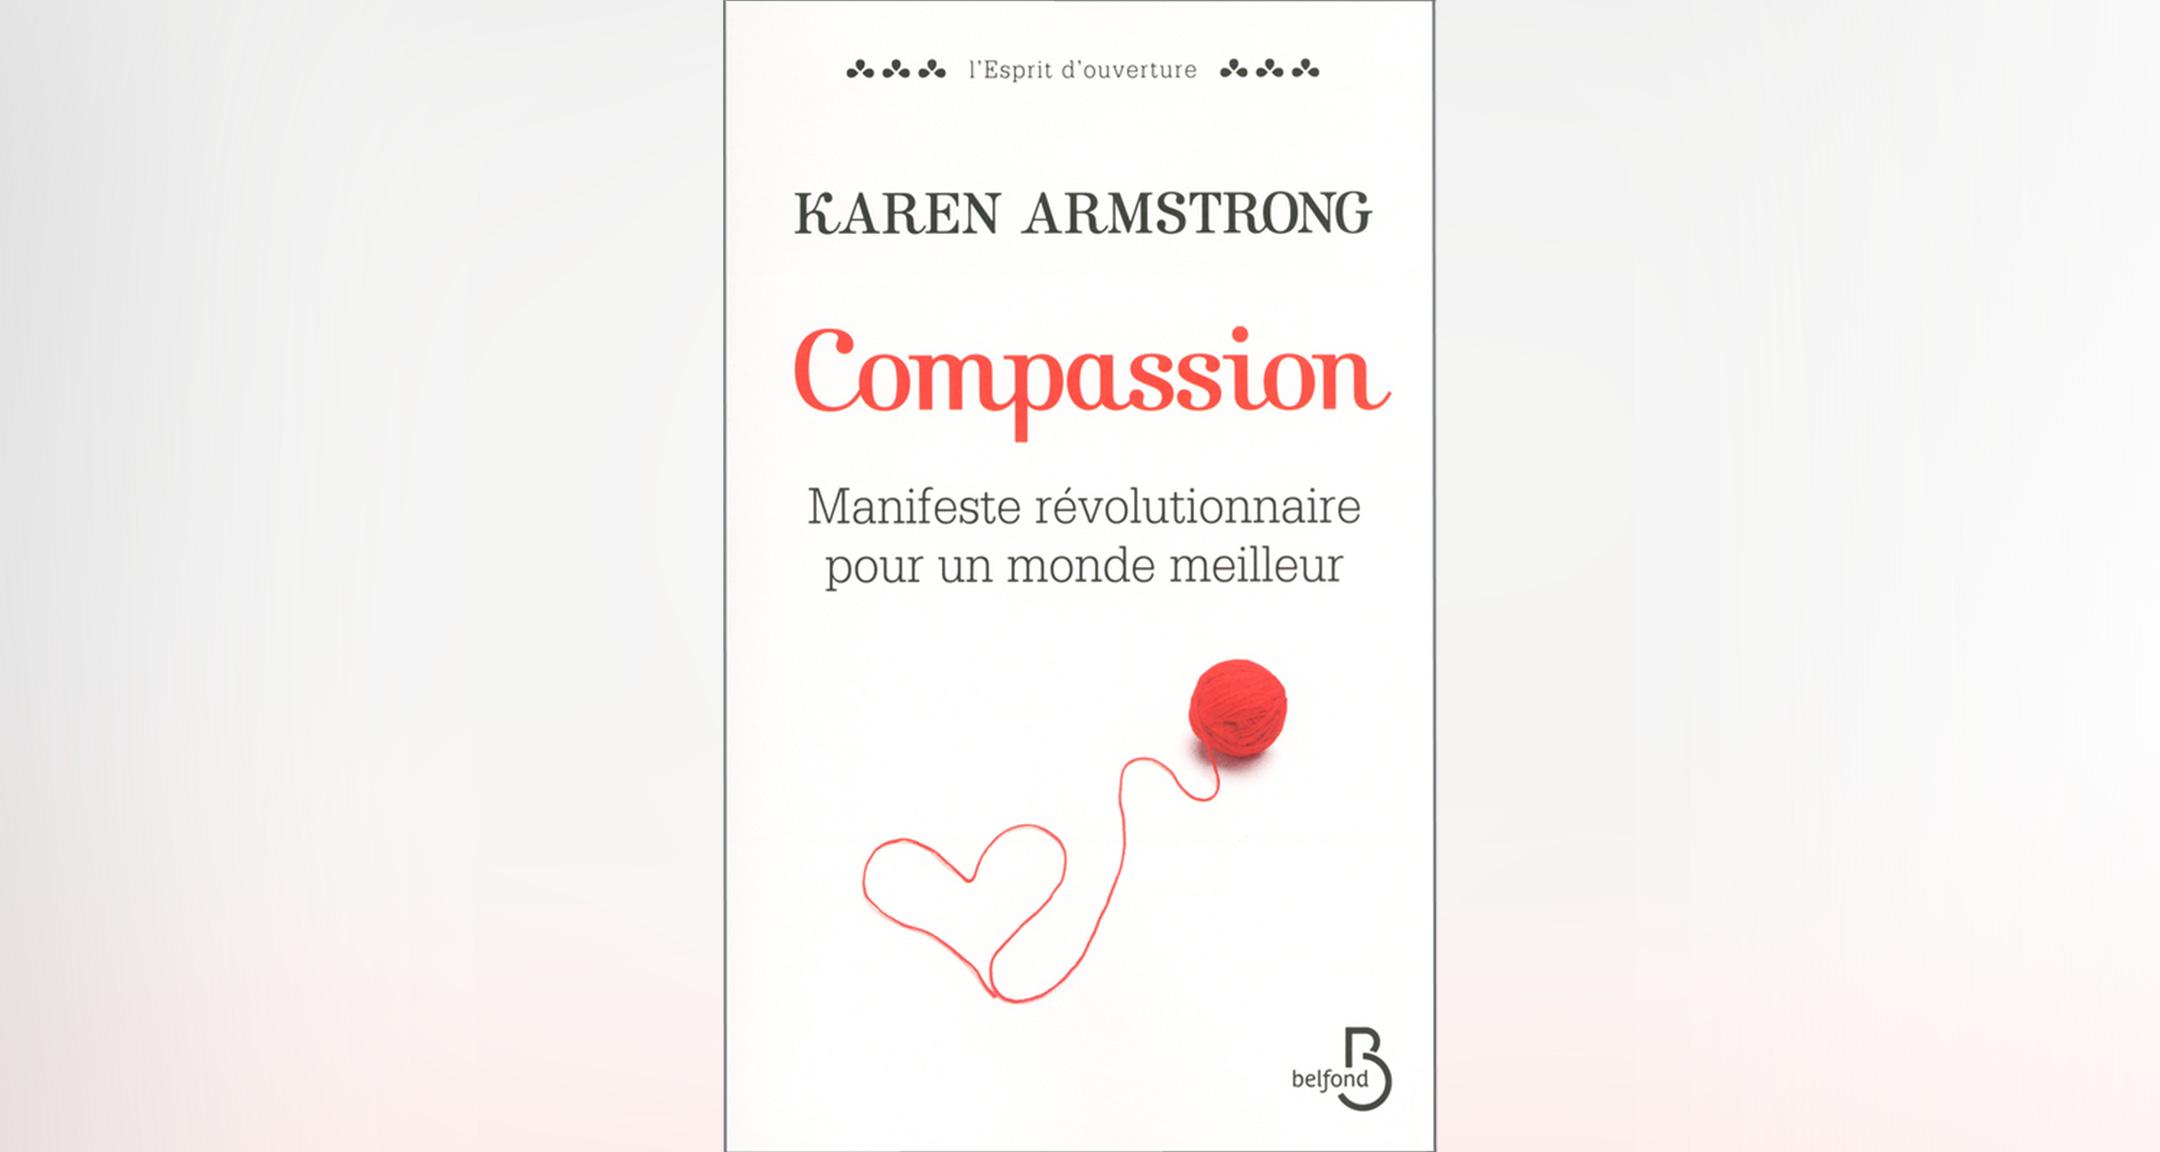 Compassion, manifeste révolutionnaire pour un monde meilleur